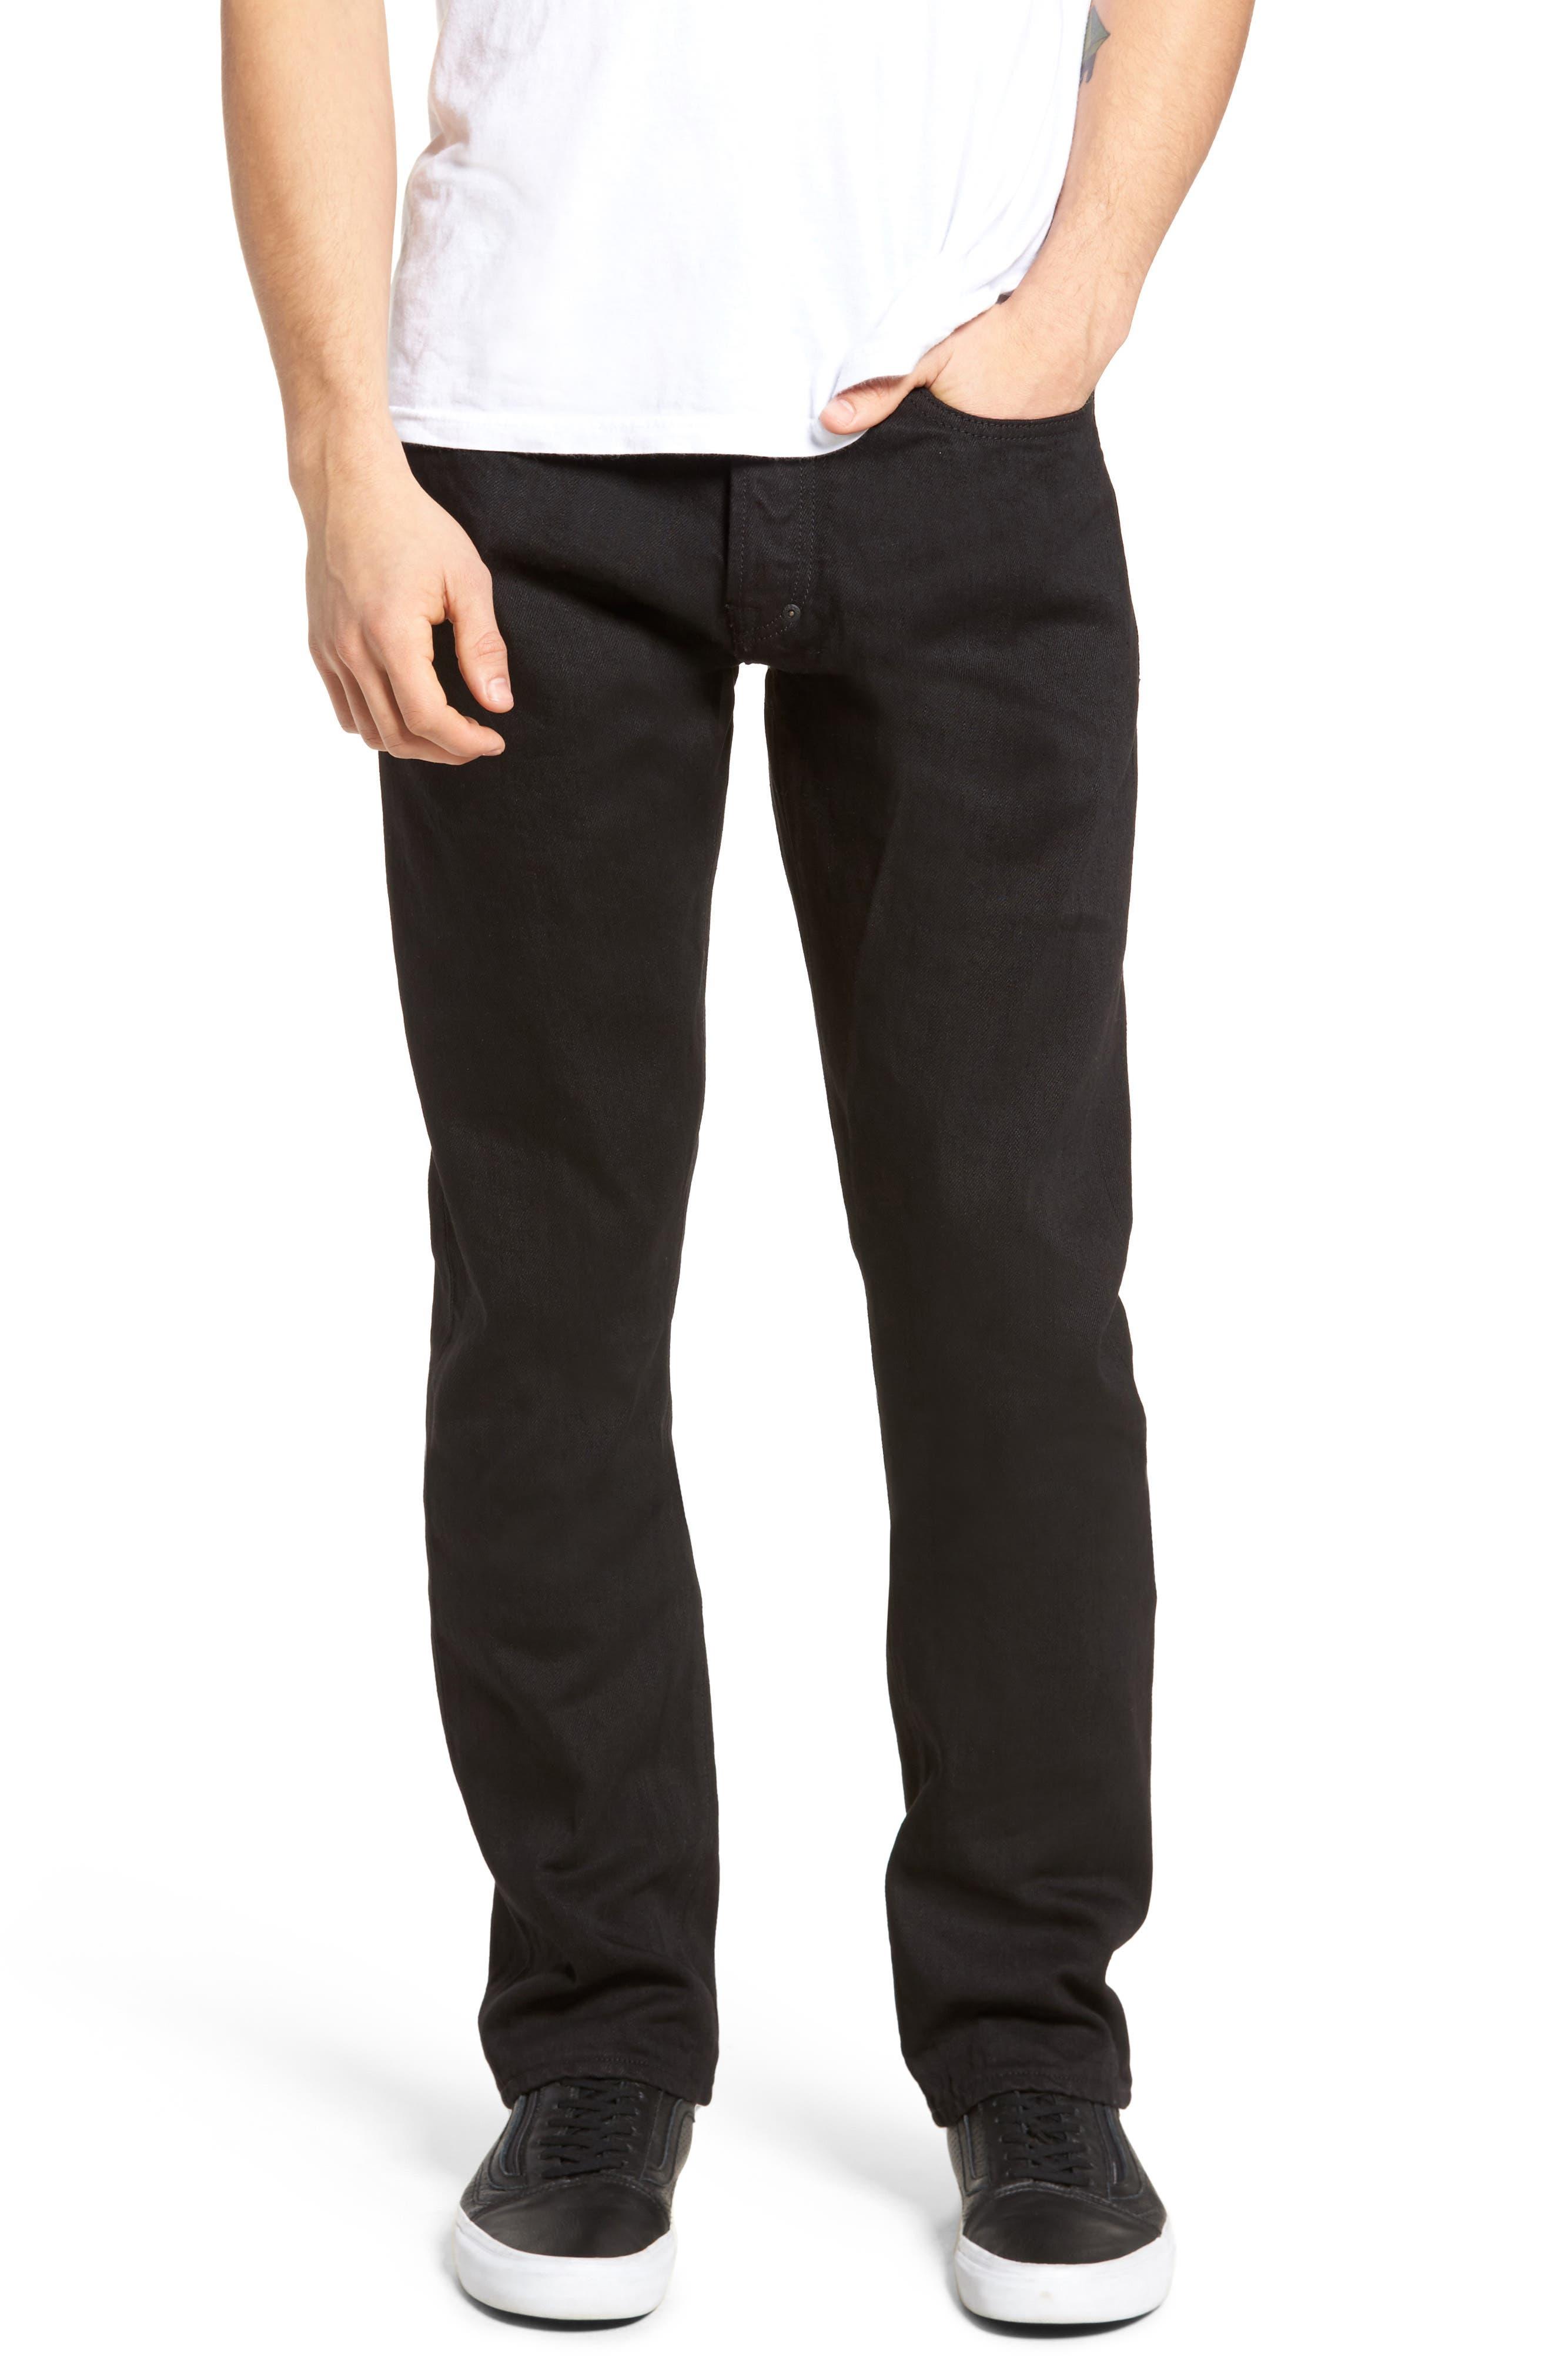 Alternate Image 1 Selected - PRPS Demon Slim Straight Leg Jeans (Zygomatic)